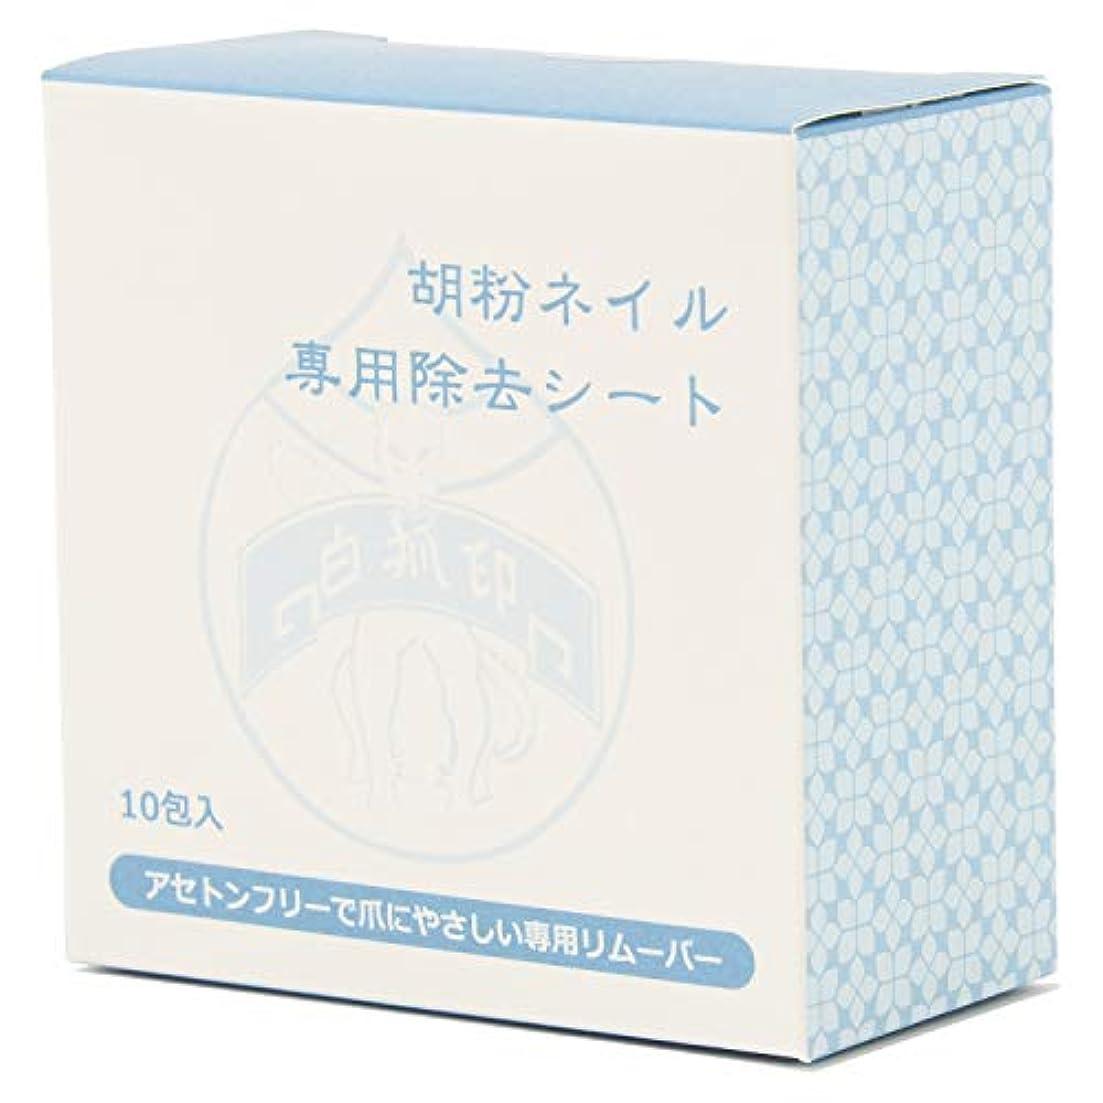 フィヨルド飢え開発する胡粉ネイル専用除去シート